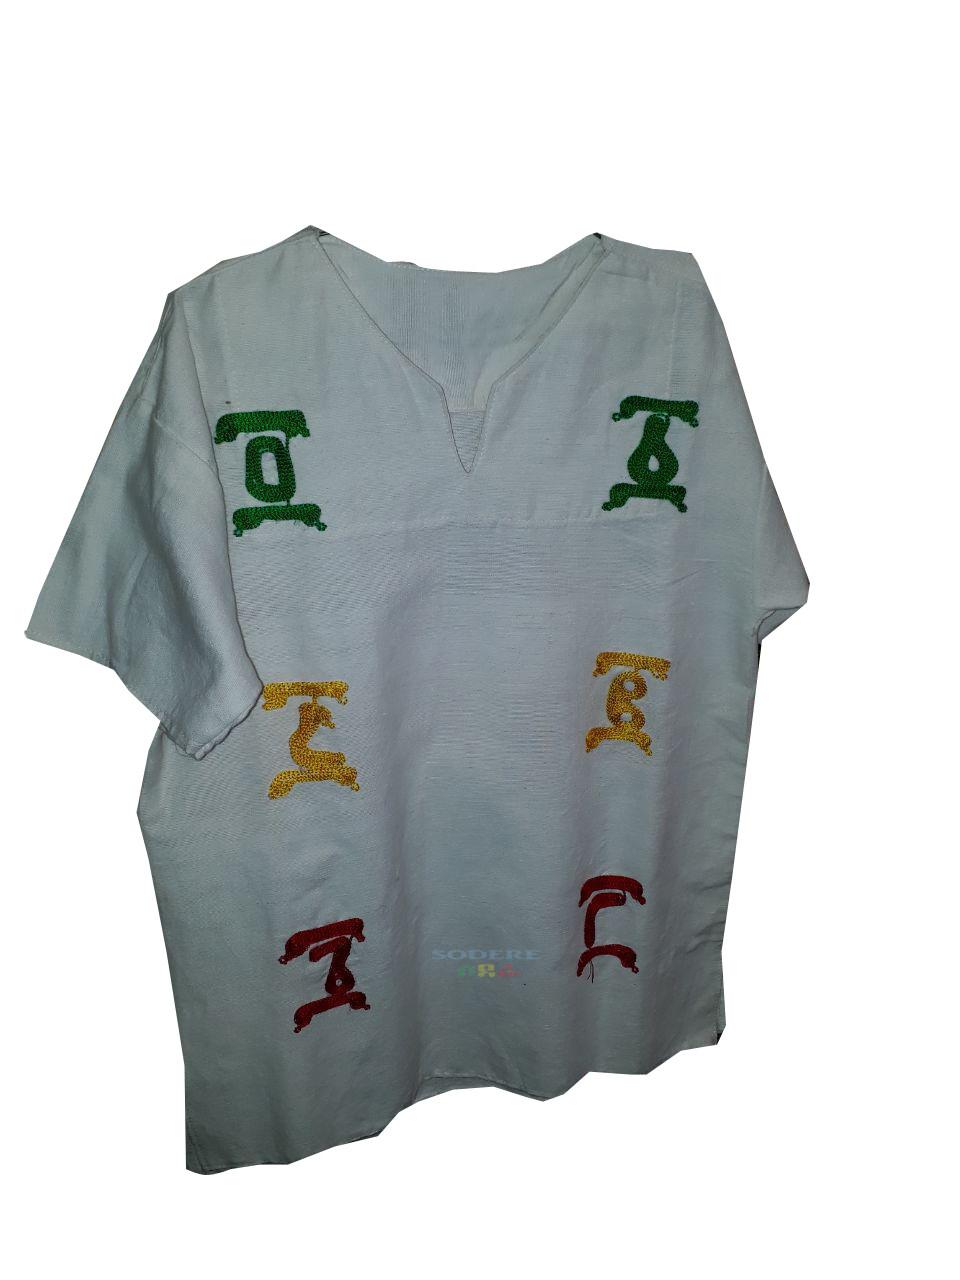 ባህላዊ የወንዶች ቲሸርት Cultural T-shirt for Men